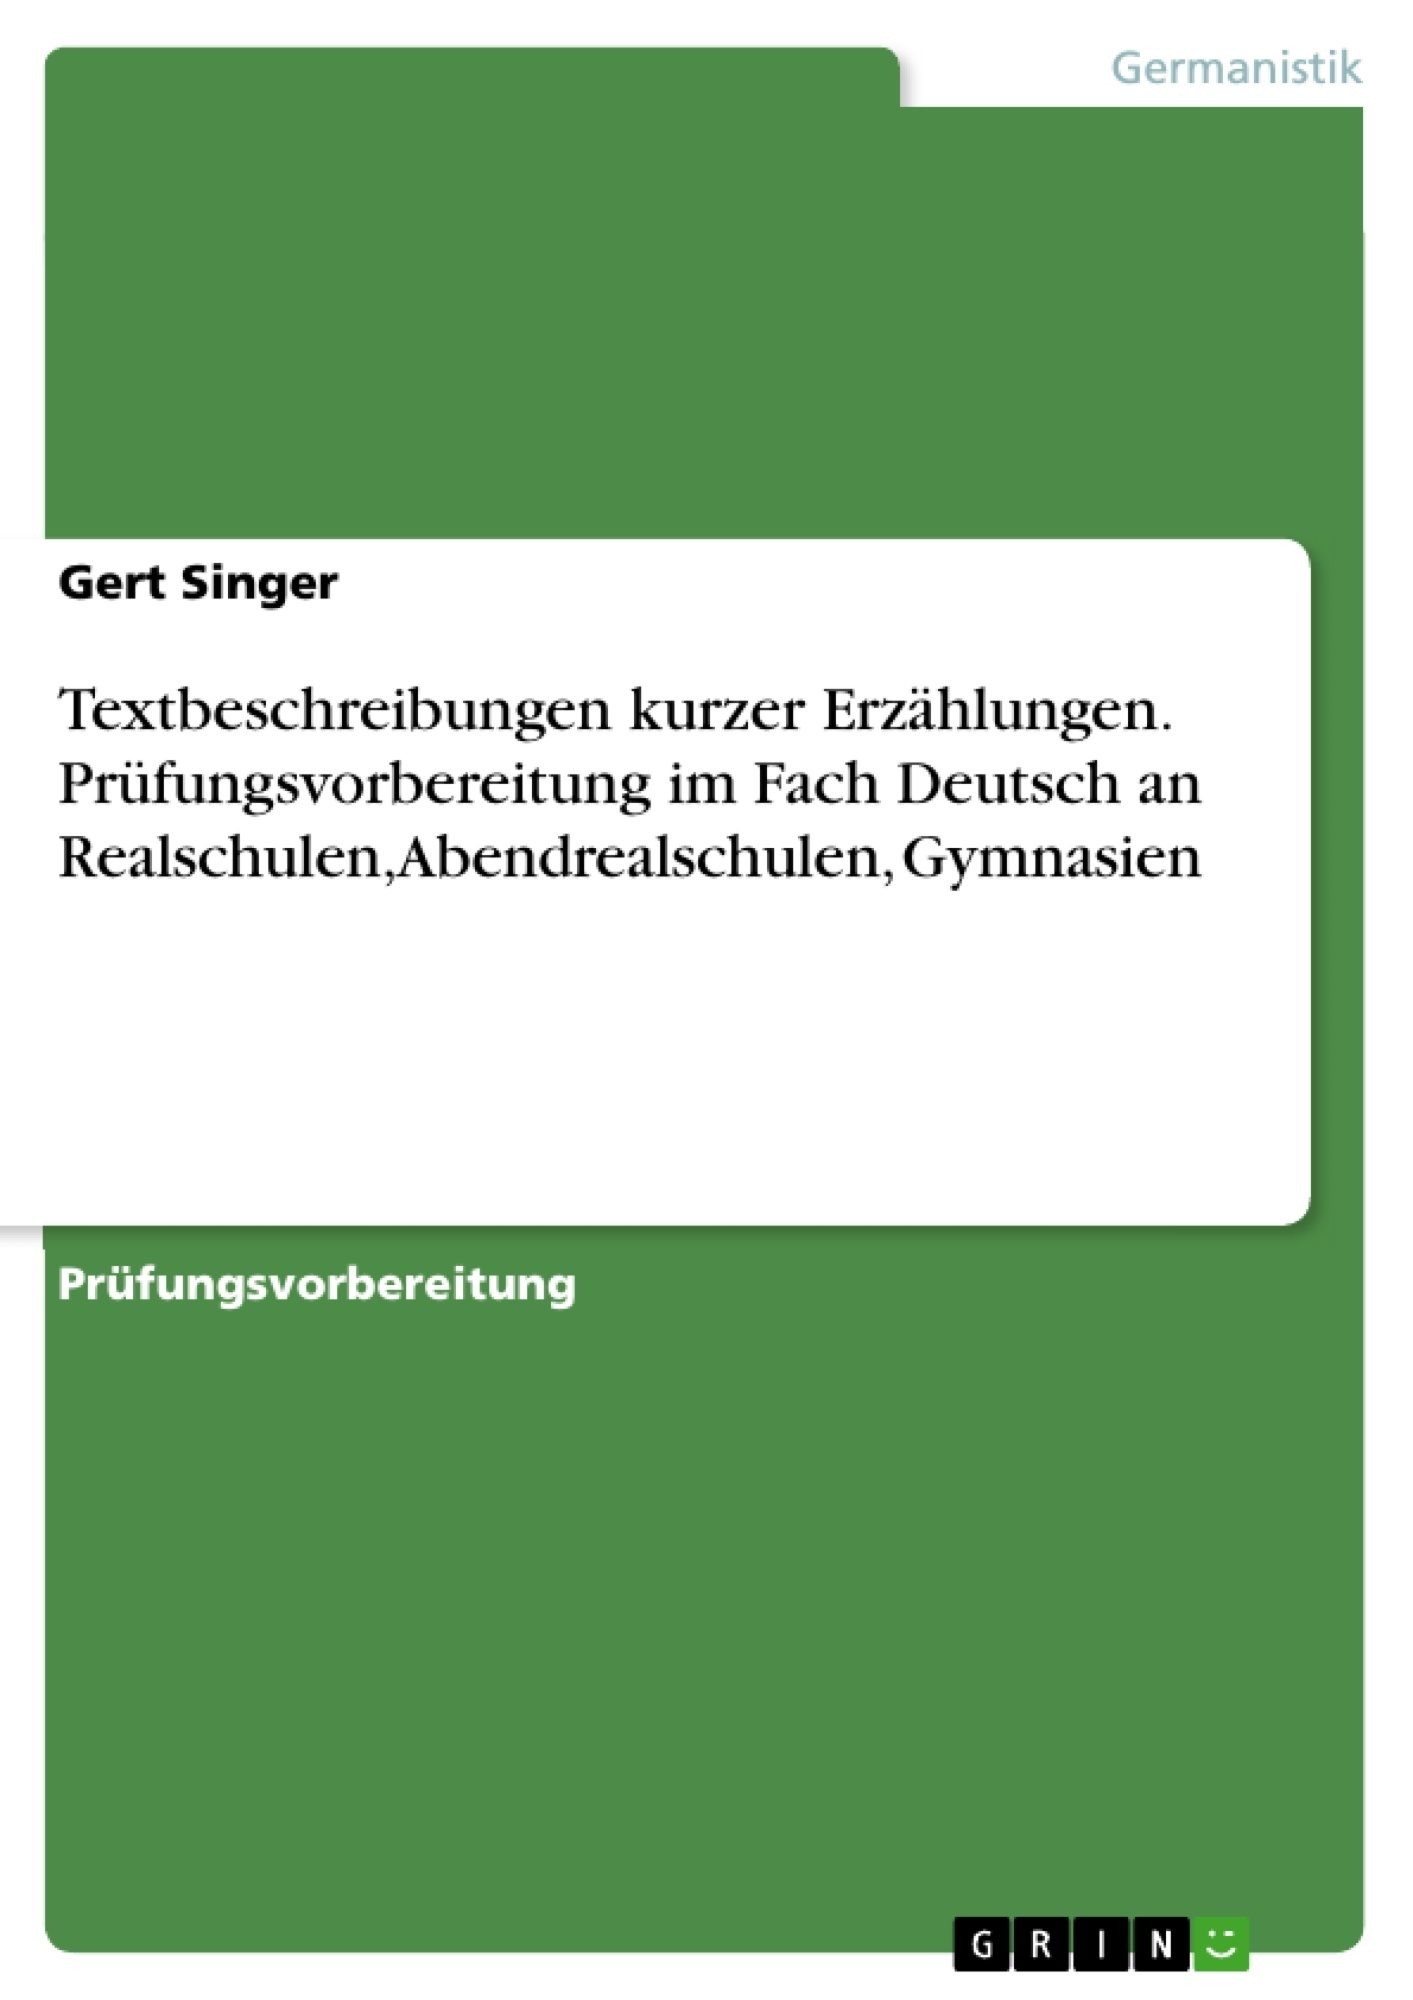 Titel: Textbeschreibungen kurzer Erzählungen. Prüfungsvorbereitung im Fach Deutsch an Realschulen, Abendrealschulen, Gymnasien